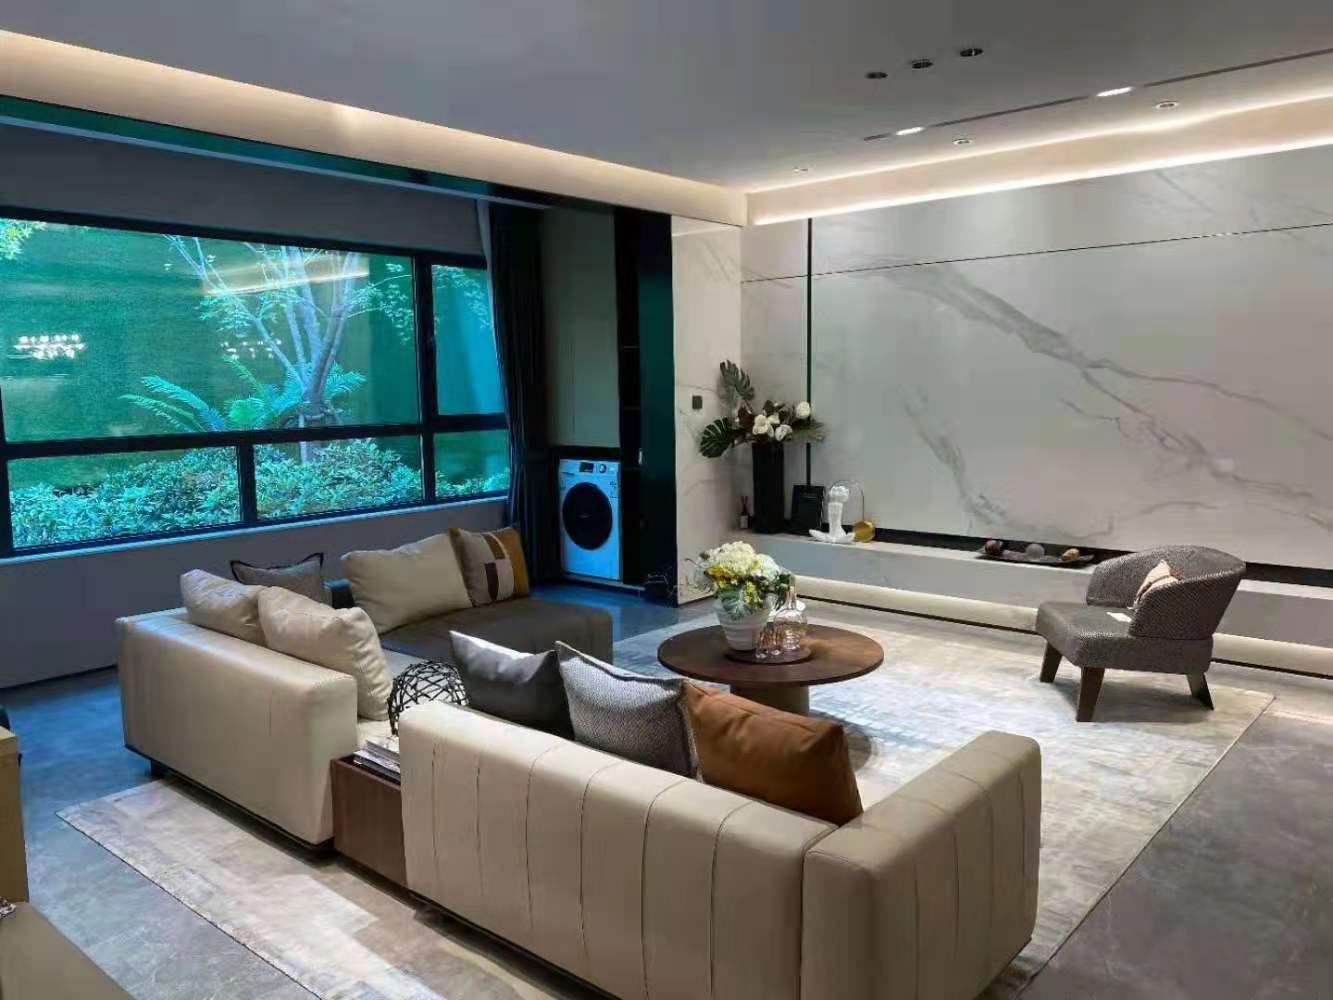 槐荫区高端楼盘,126平舒适三室,和谐广场旁,保利天禧